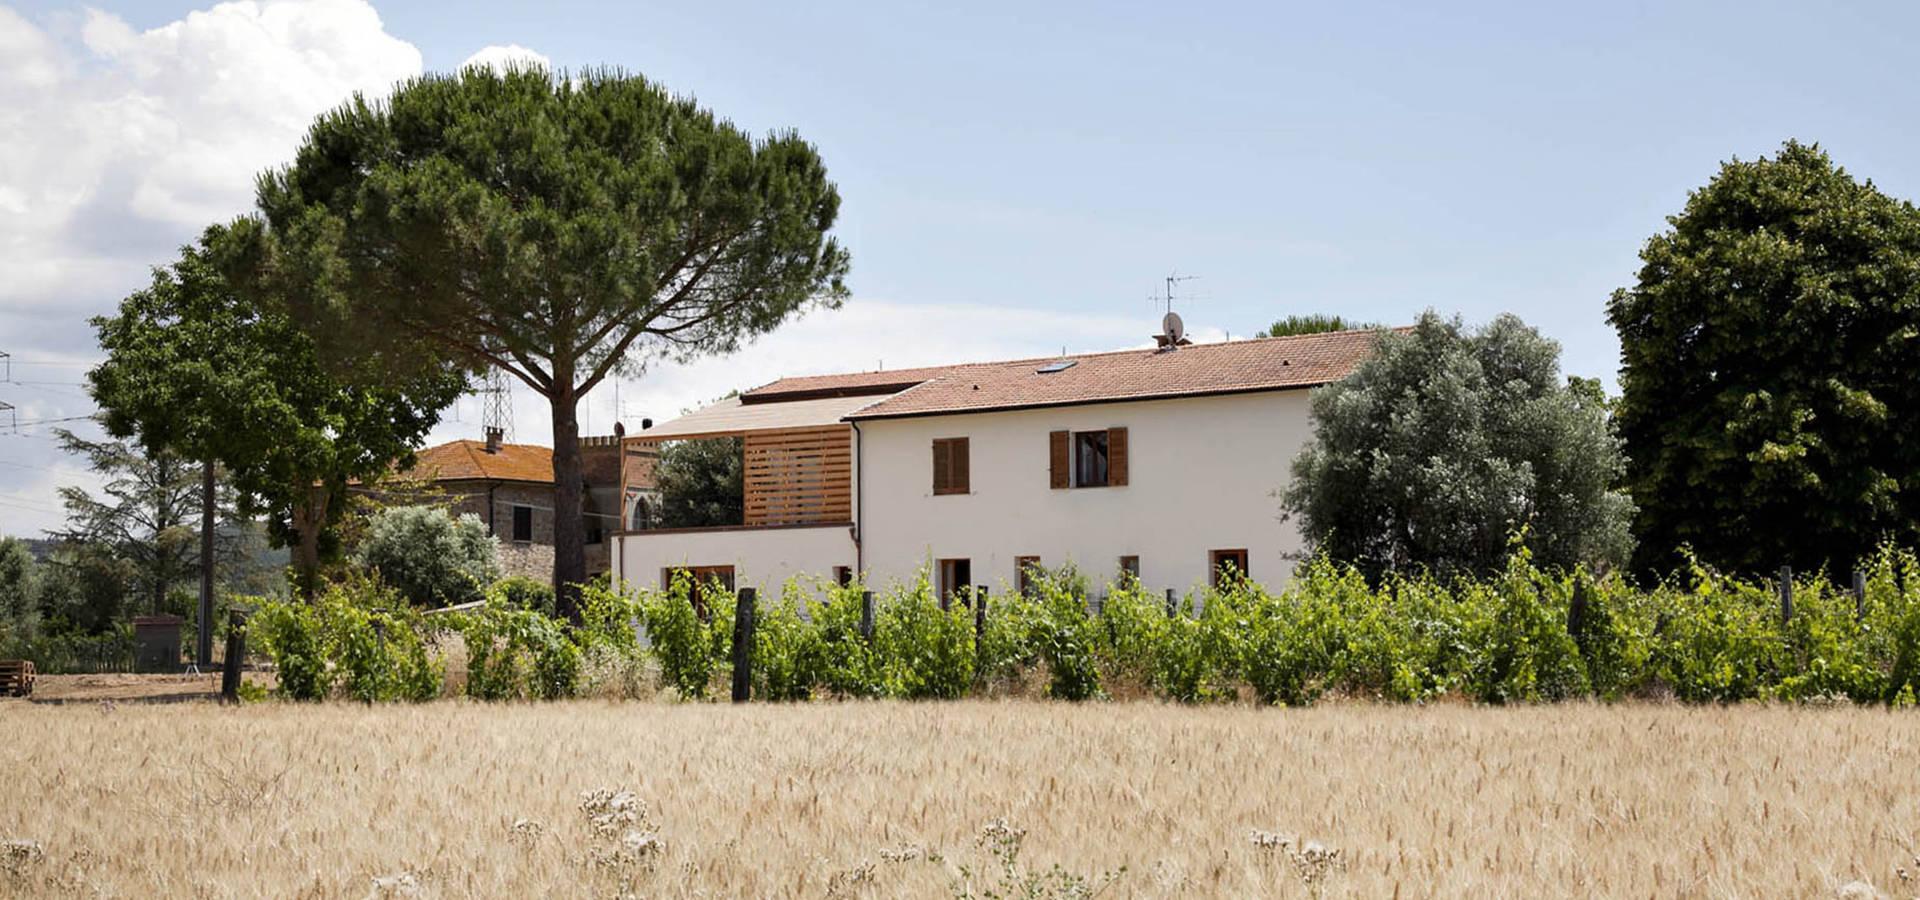 Ristrutturazione ed ampliamento di un fabbricato rurale a for Architettura di campagna francese